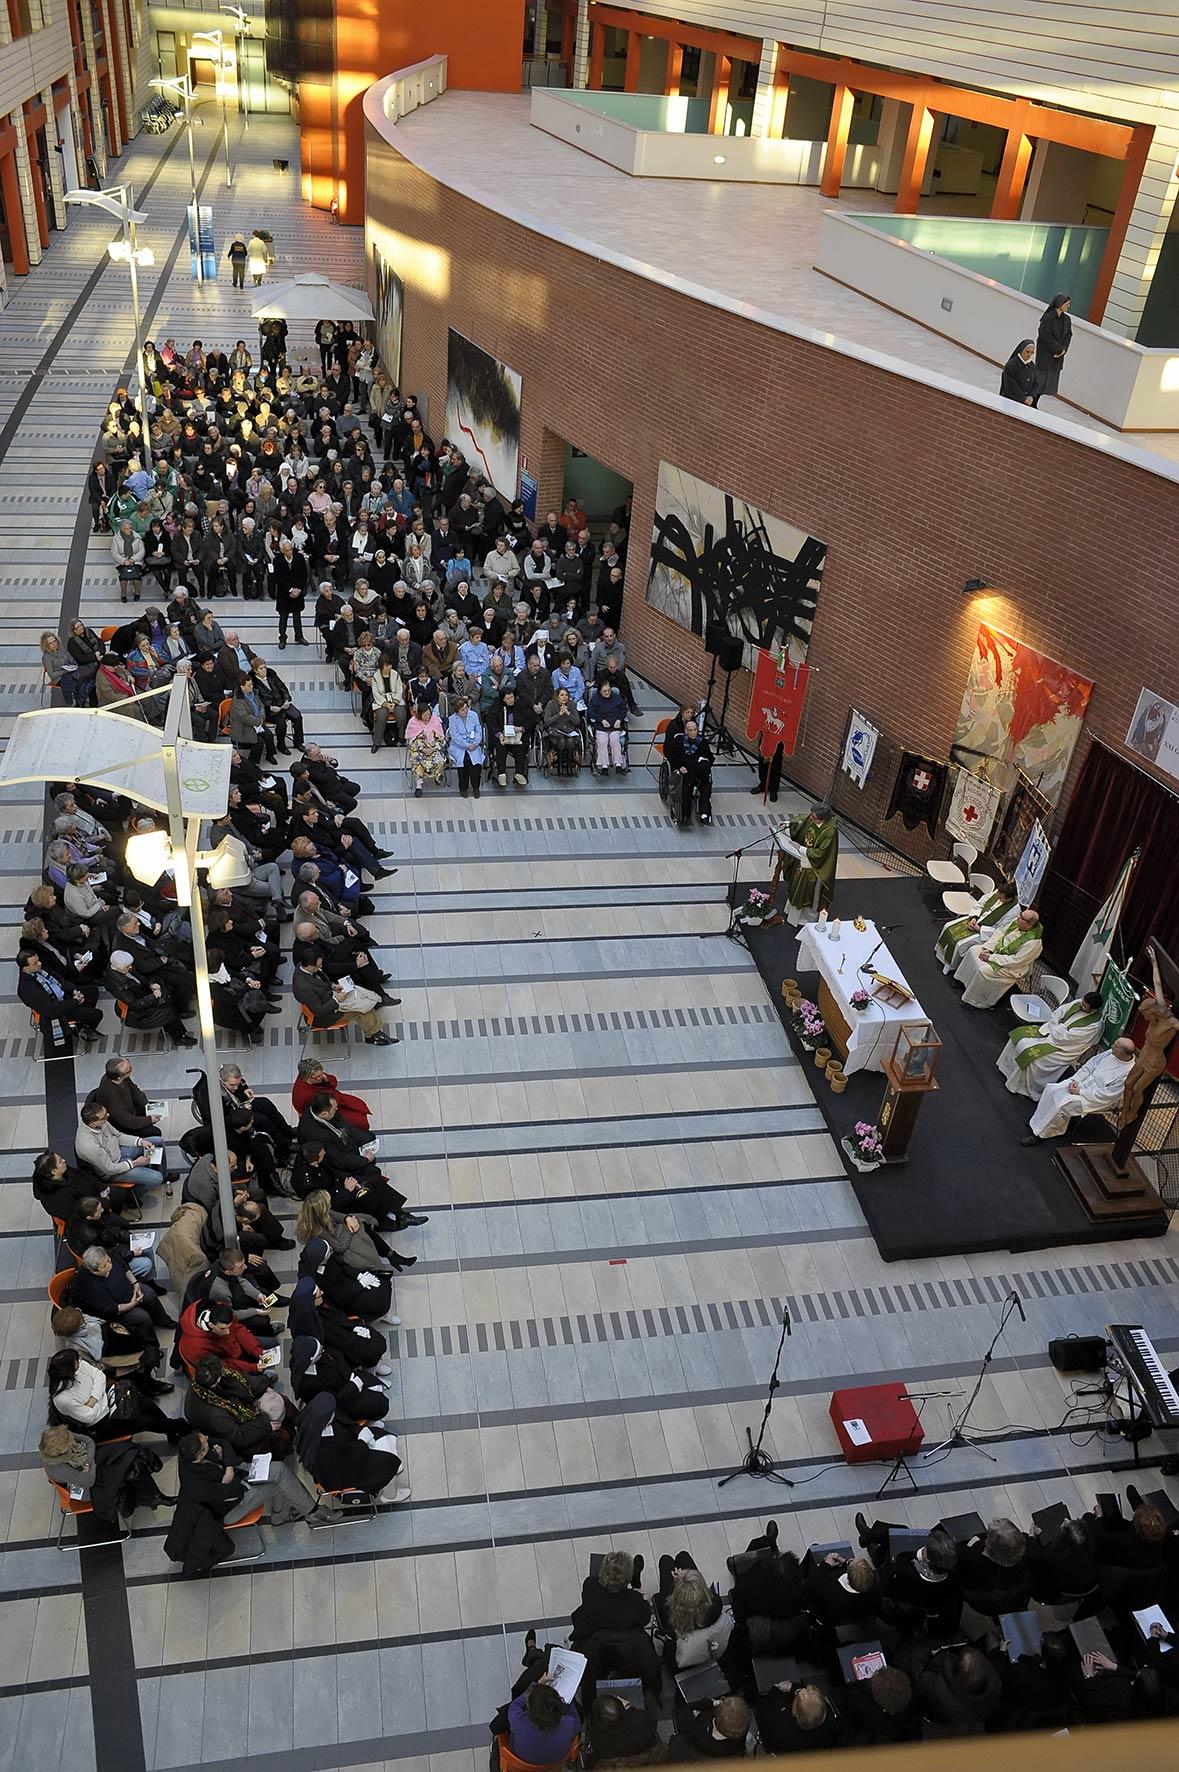 La fotogallery del congresso del Partito democratico ad Asti